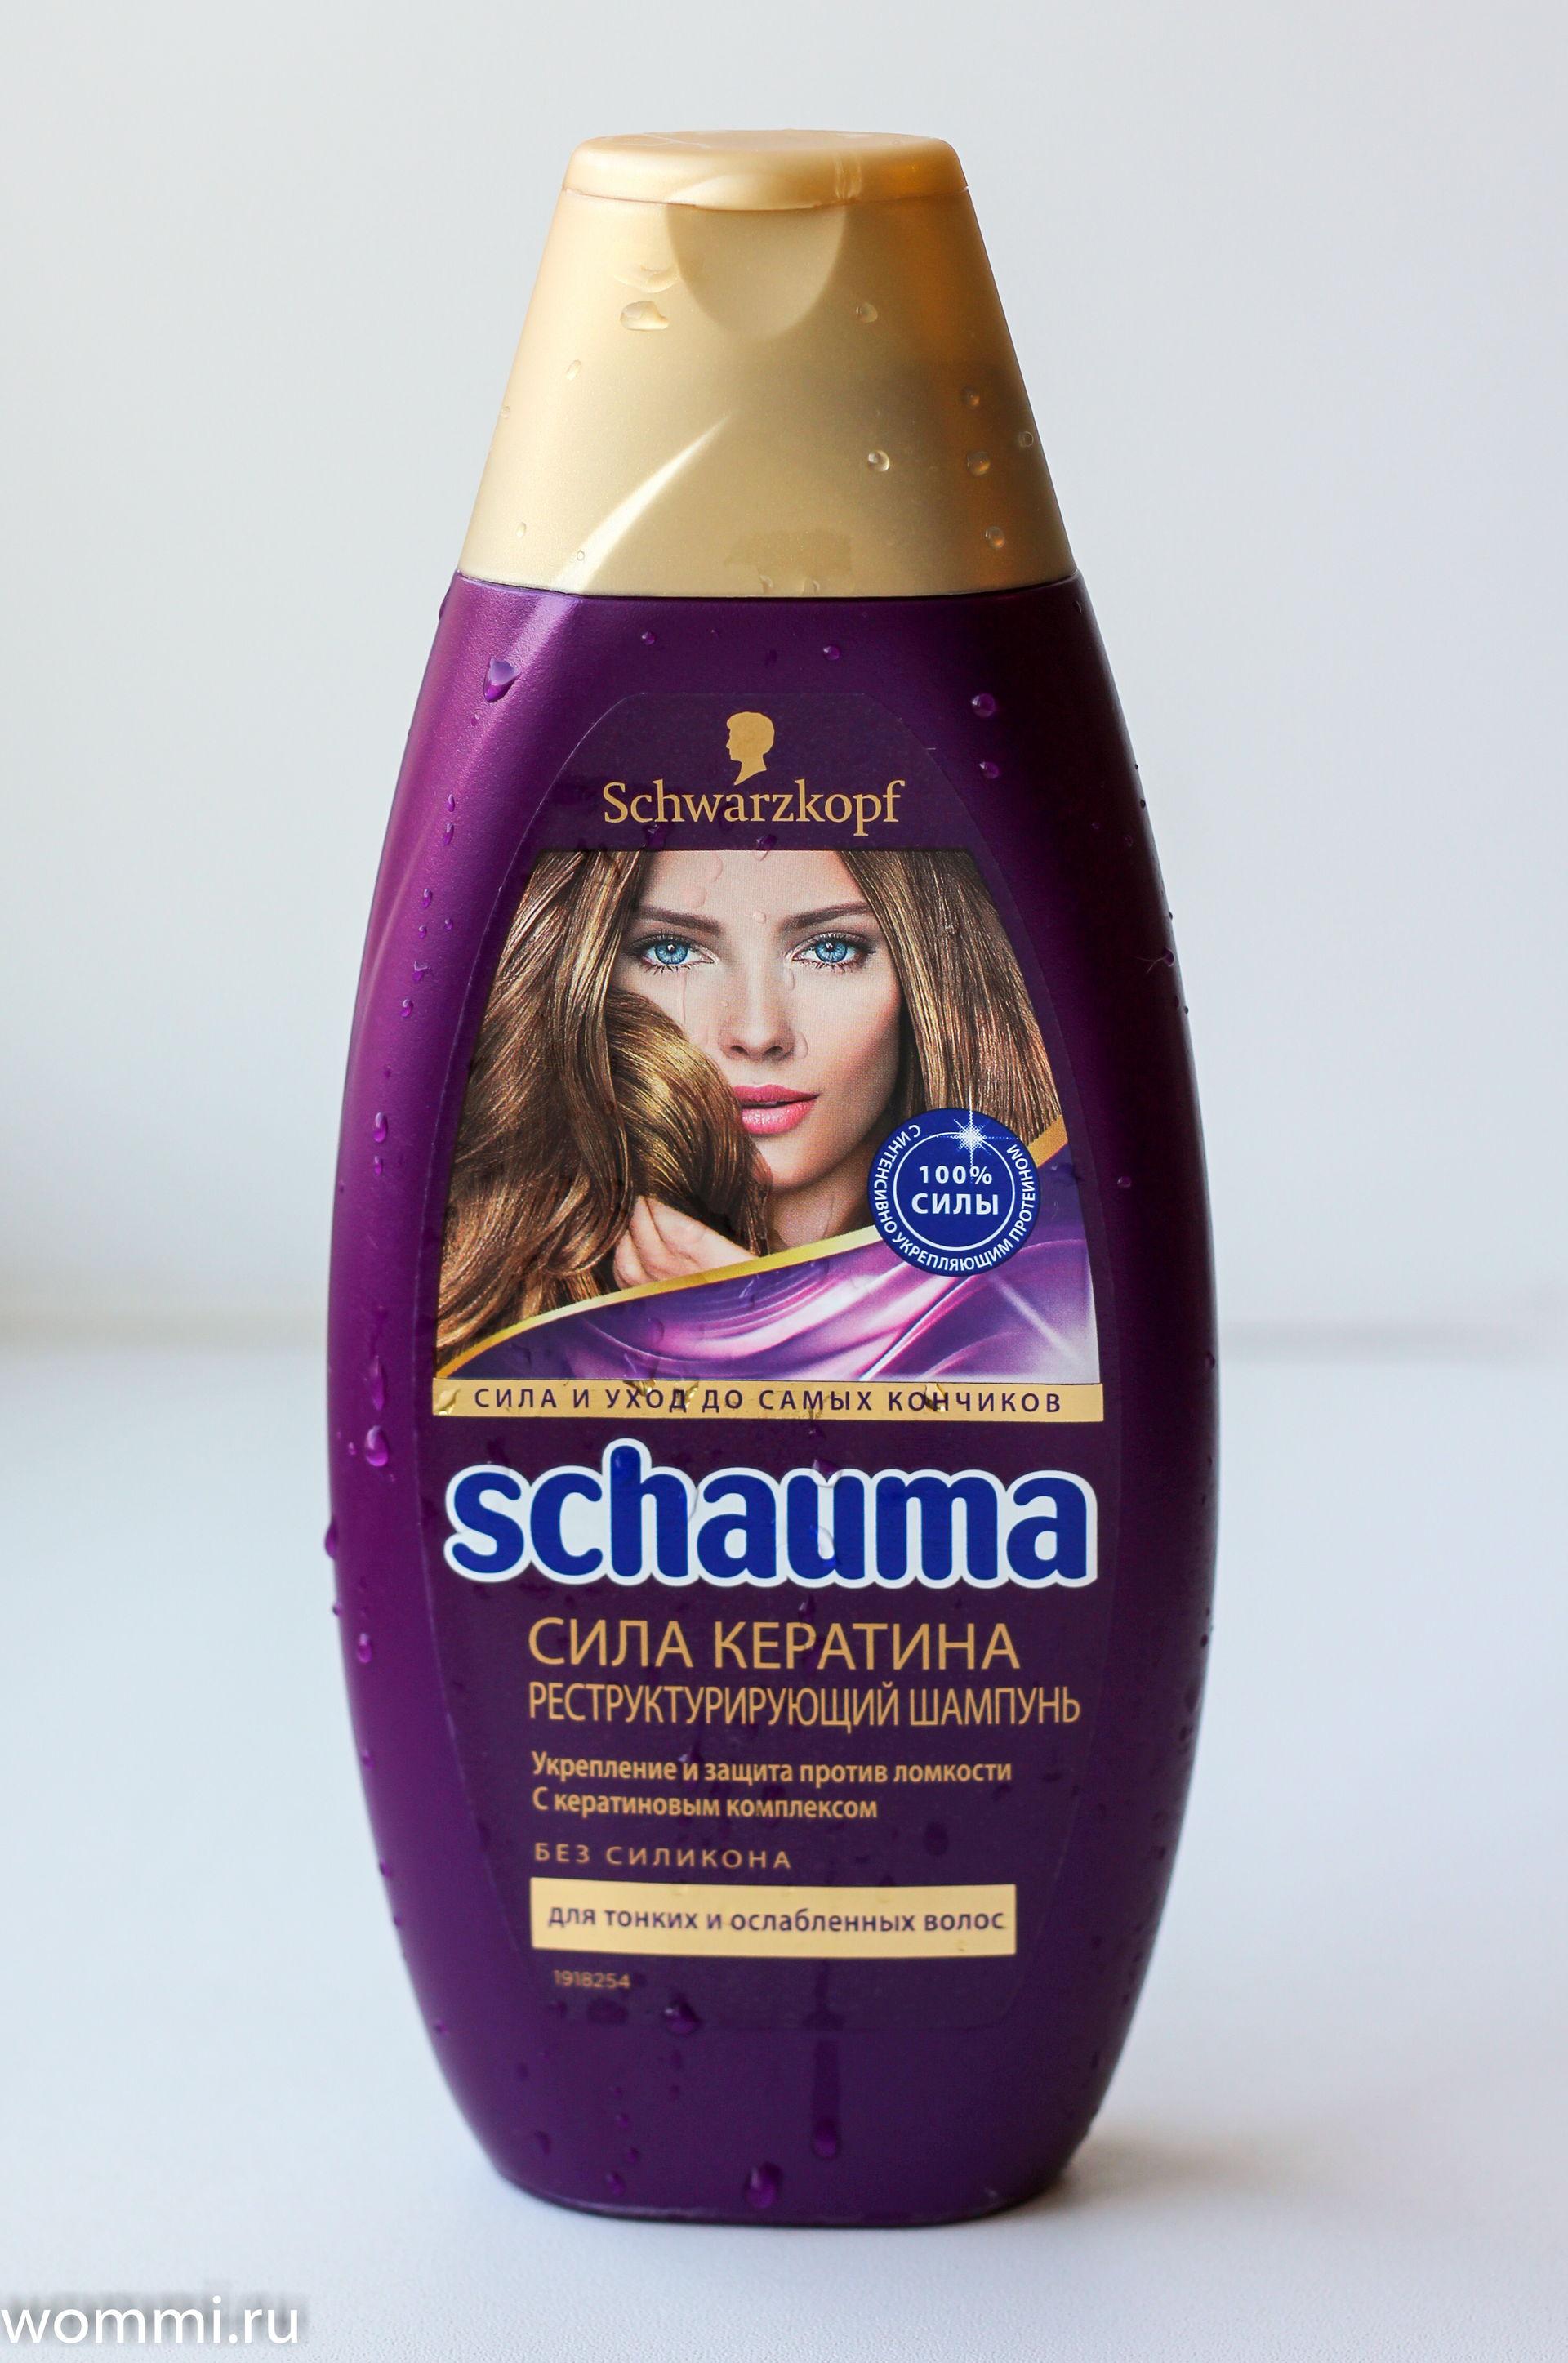 Шампунь Schauma сила кератина